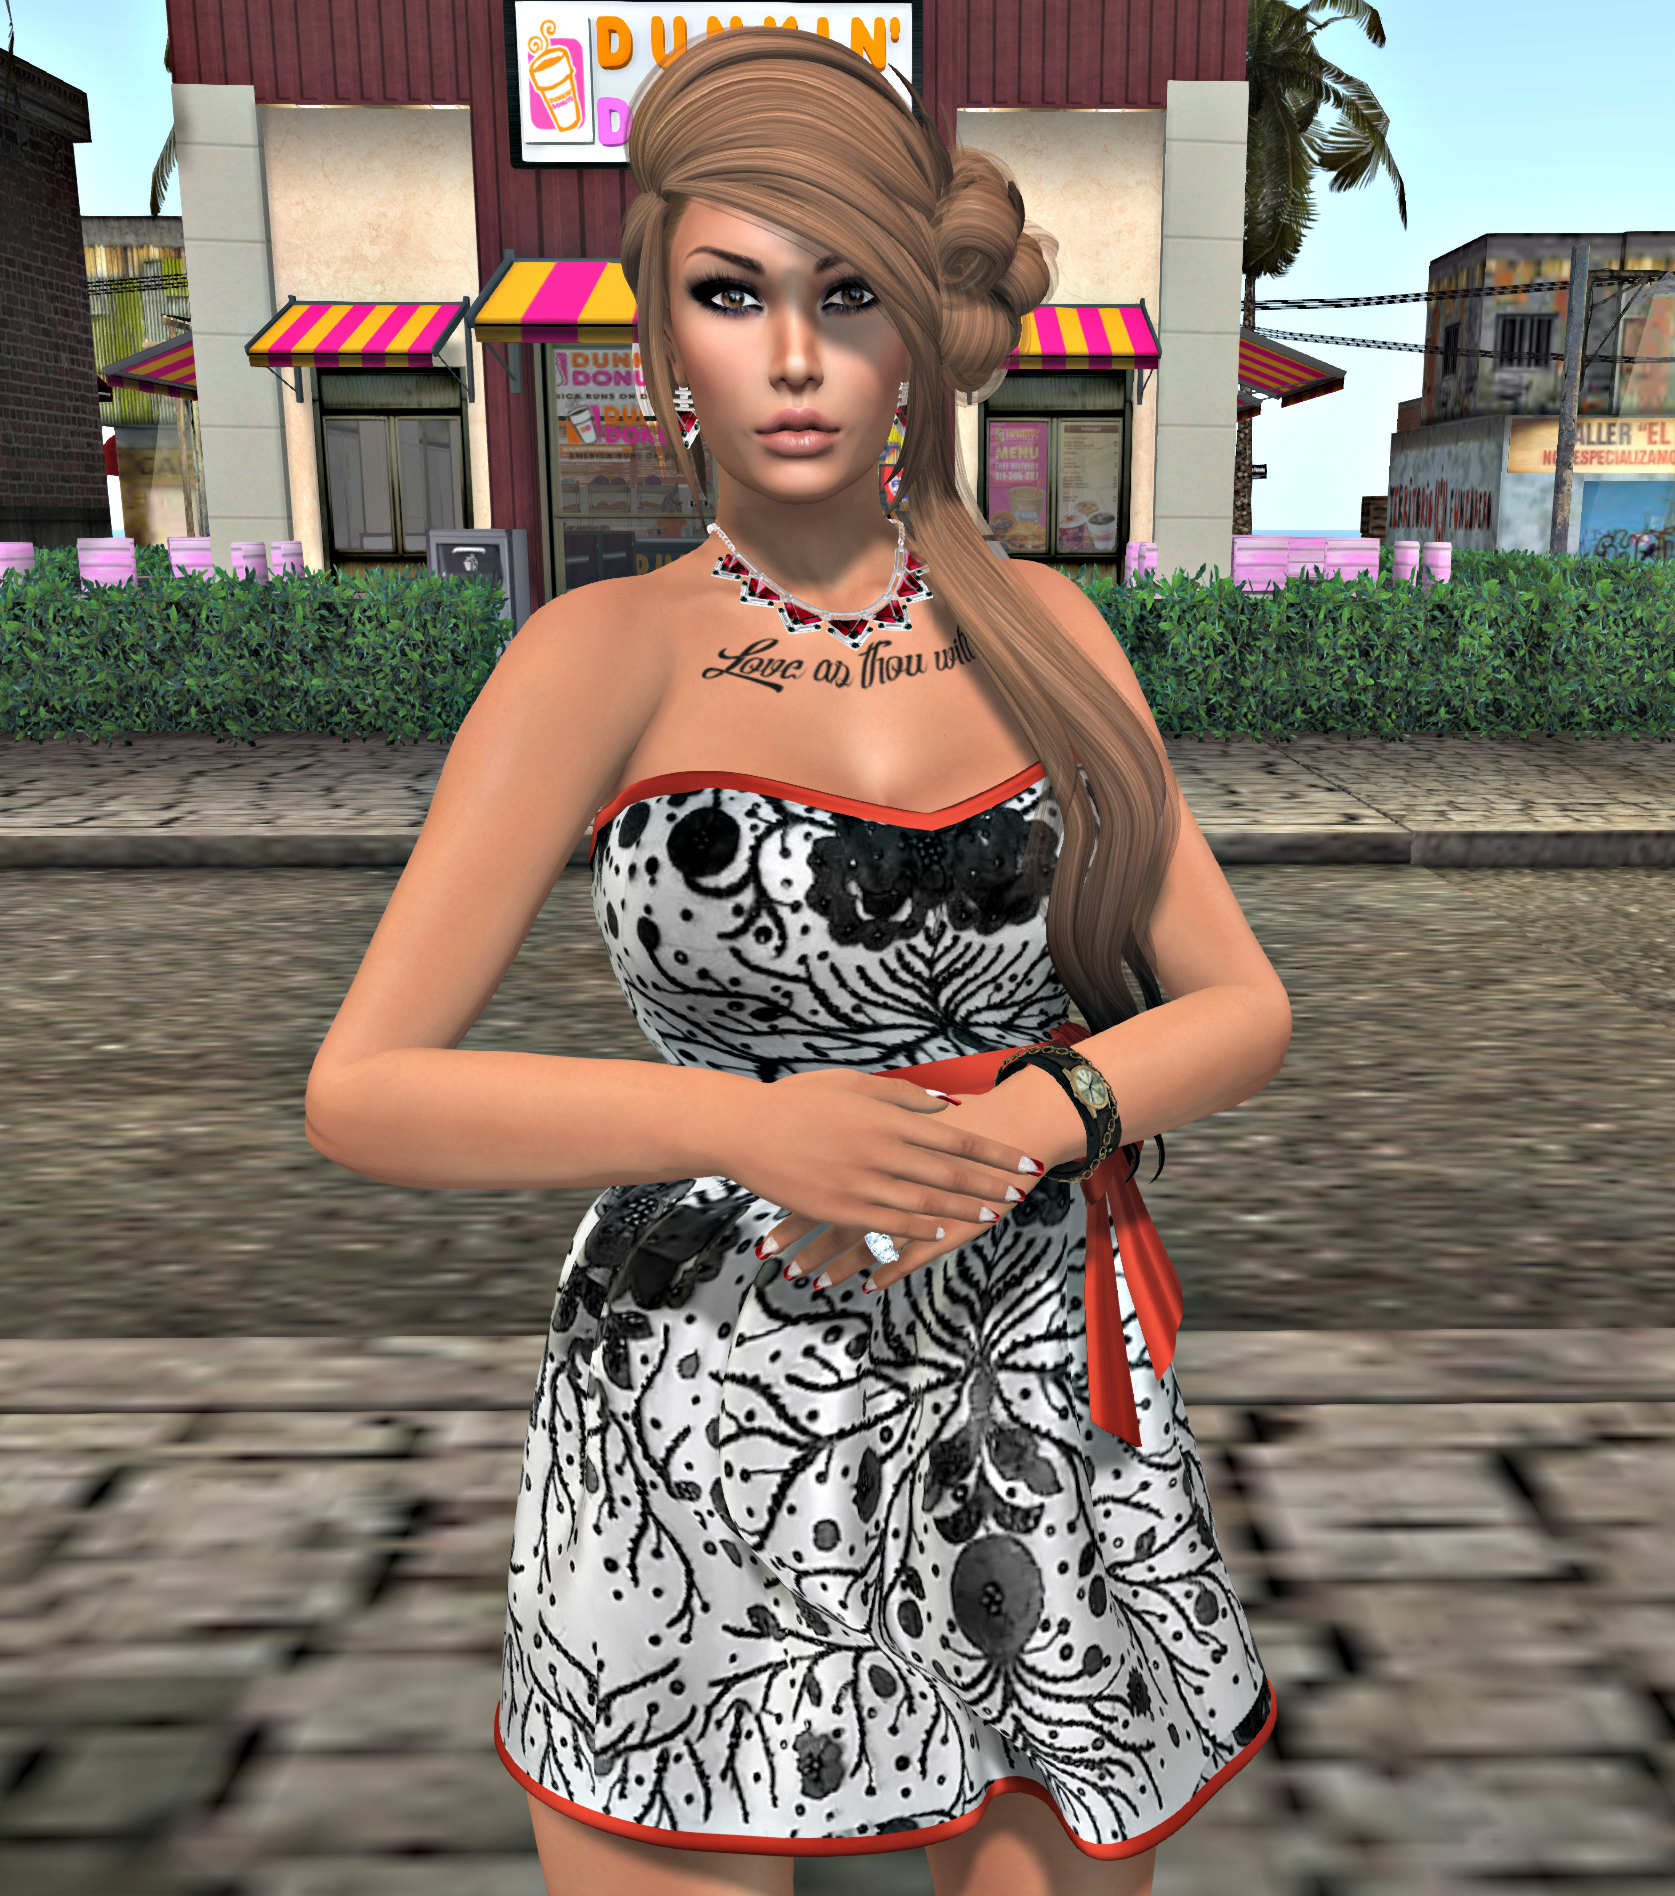 June 2 Blog photo #3mhspng_cropped